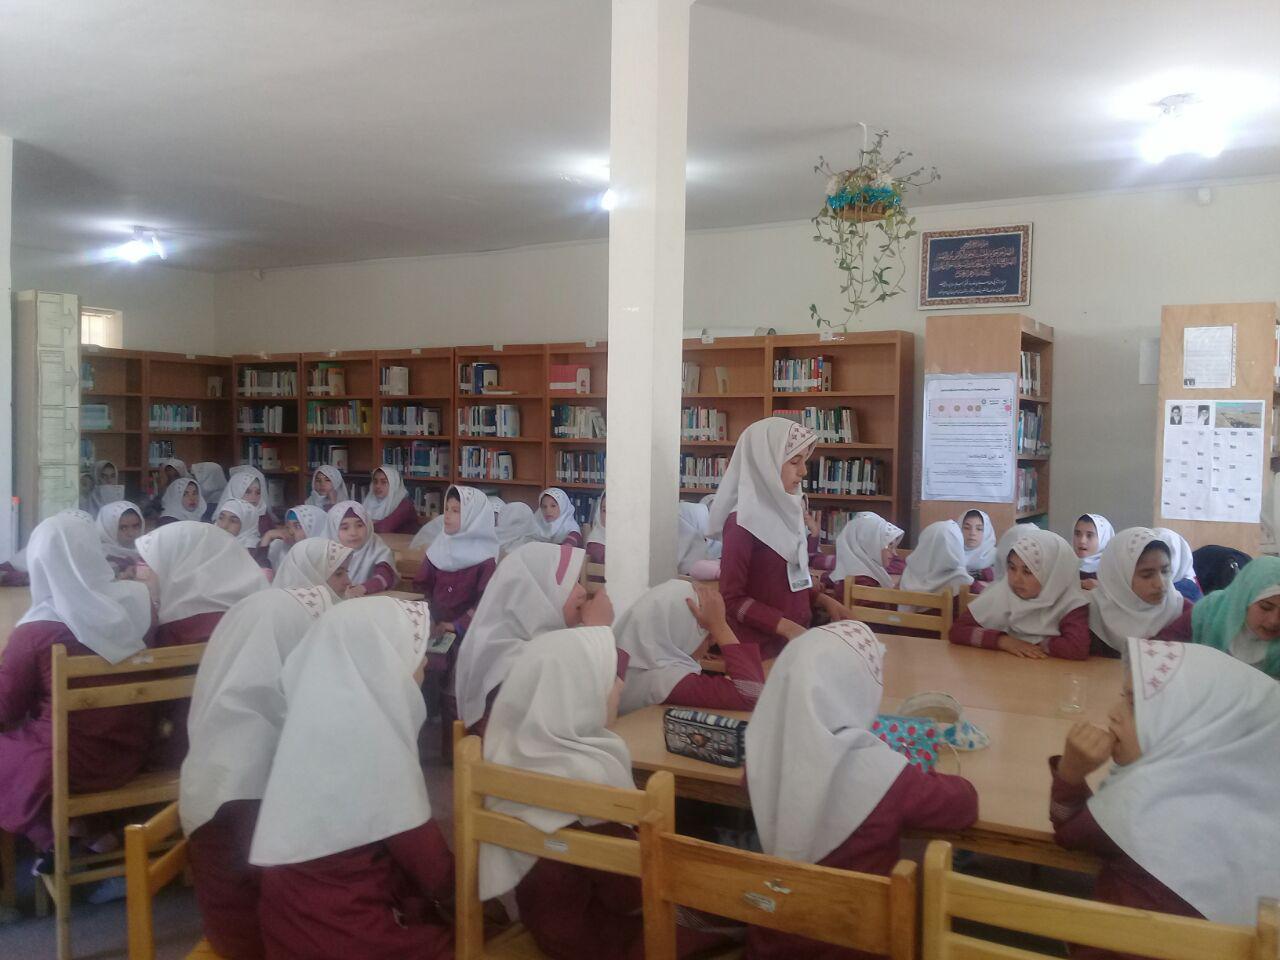 برگزاری ایستگاه نقاشی و بازدید مدرسه ابتدایی برکت سمیه از کتابخانه عمومی نور نوربهار